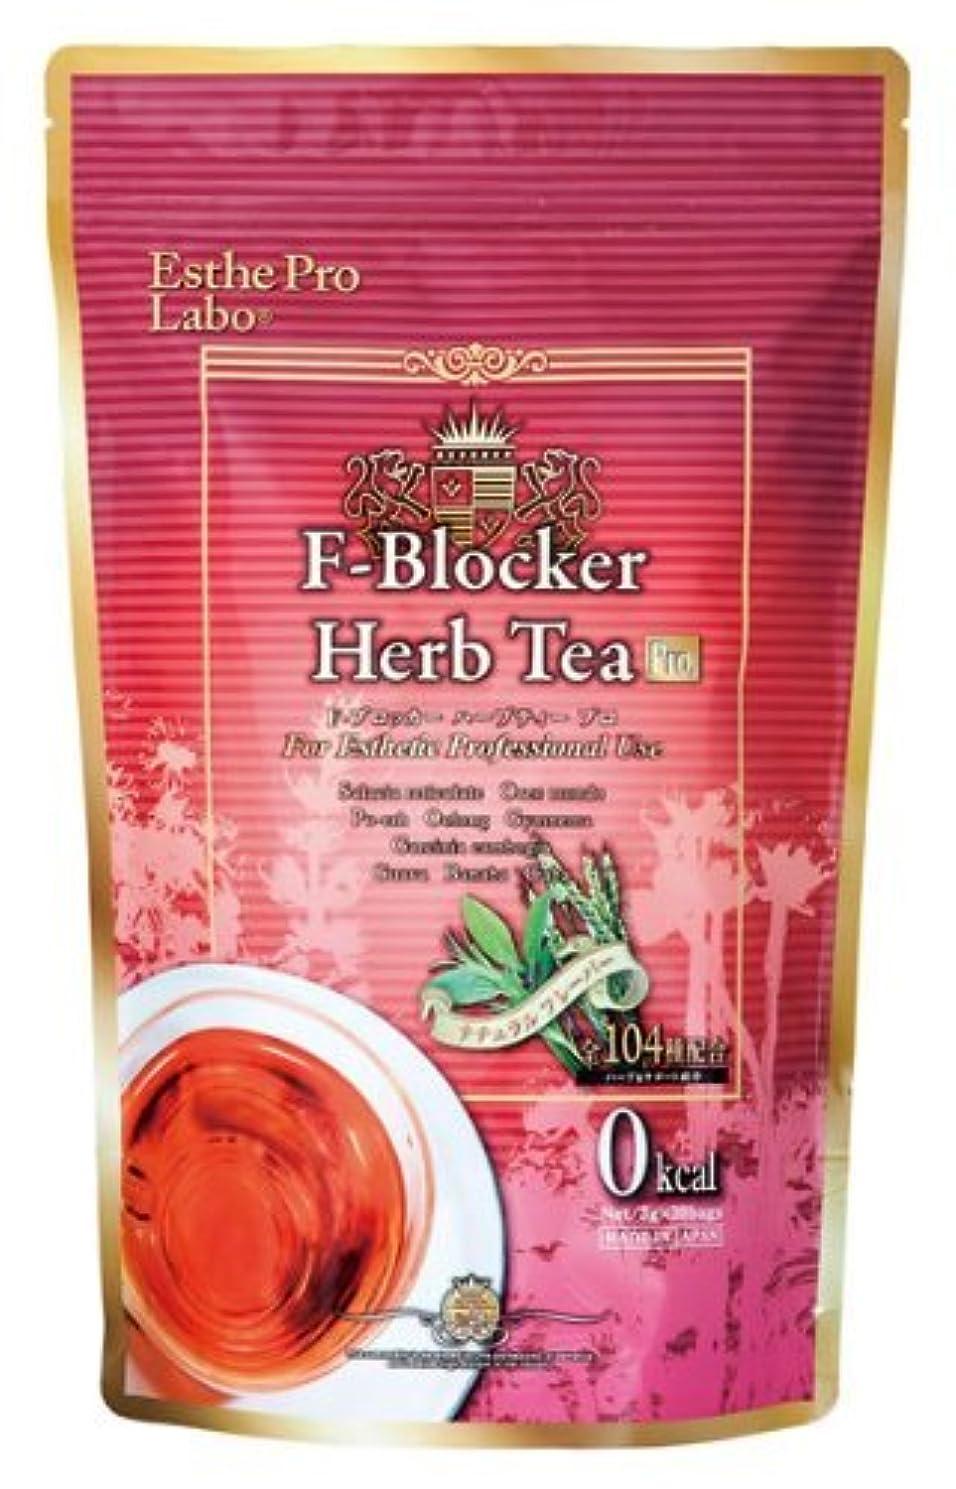 小川性的購入エステプロ?ラボ F-Blocker Harb Tea Pro エフ ブロッカー ハーブティー プロ 3g ×30包 3箱セット